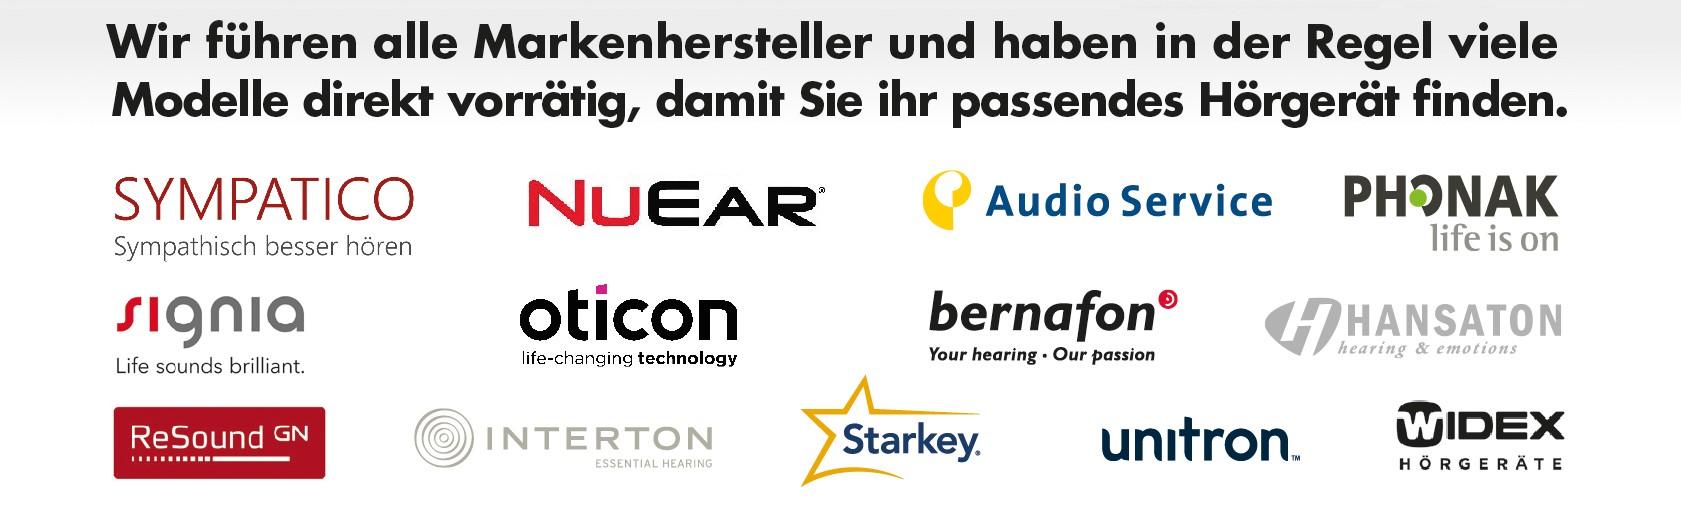 Wir haben Zugrif auf mehr als 1200 verschiedene Hörgeräte